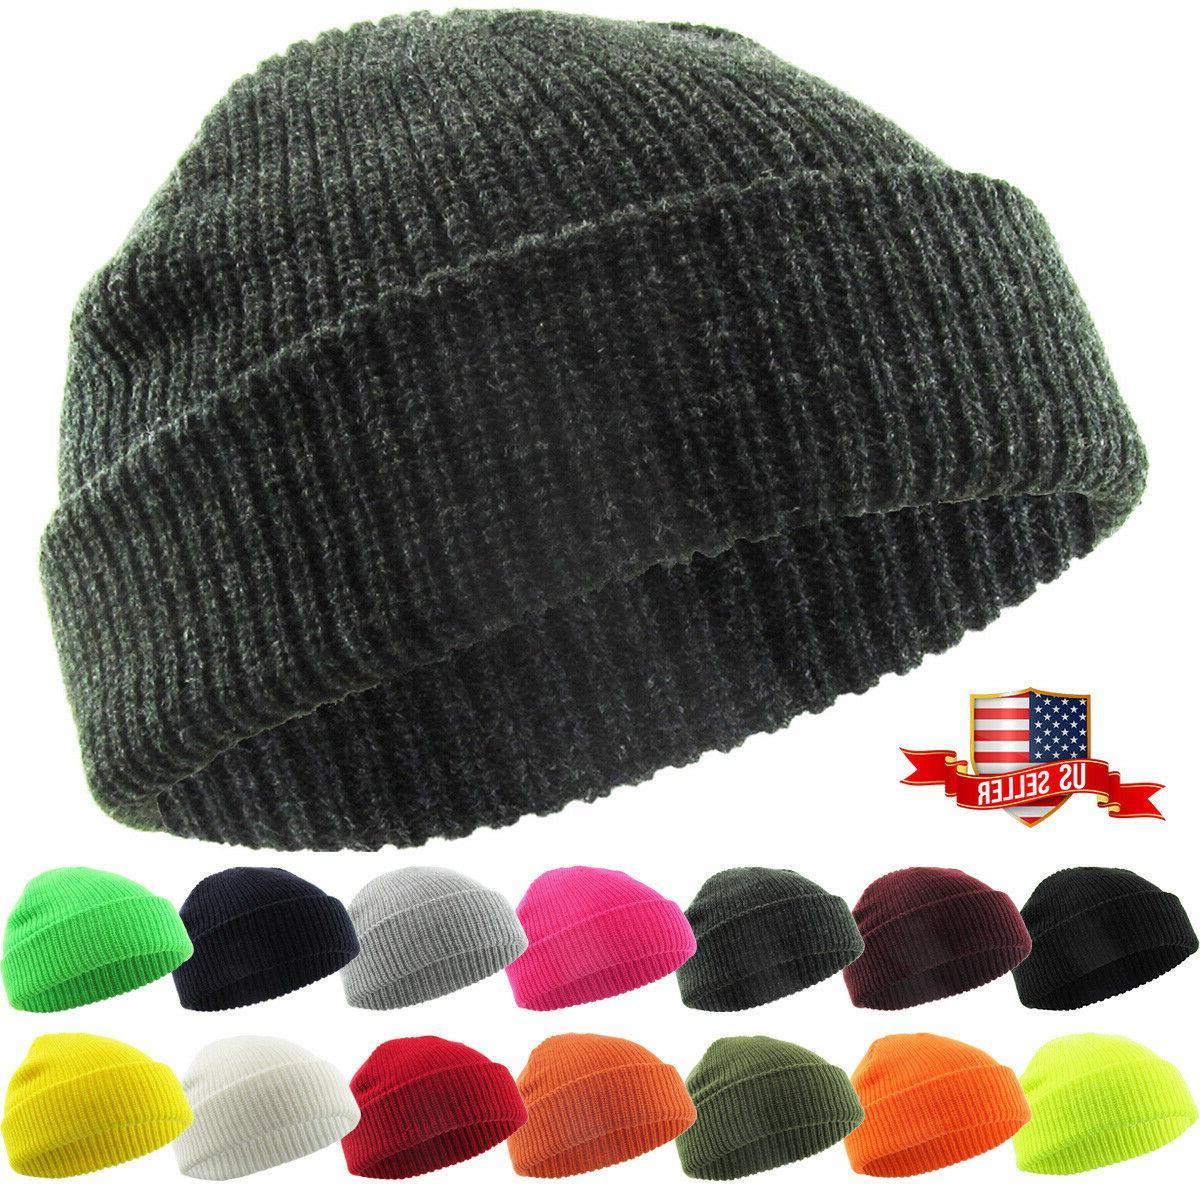 warm winter knit cuff beanie cap fisherman